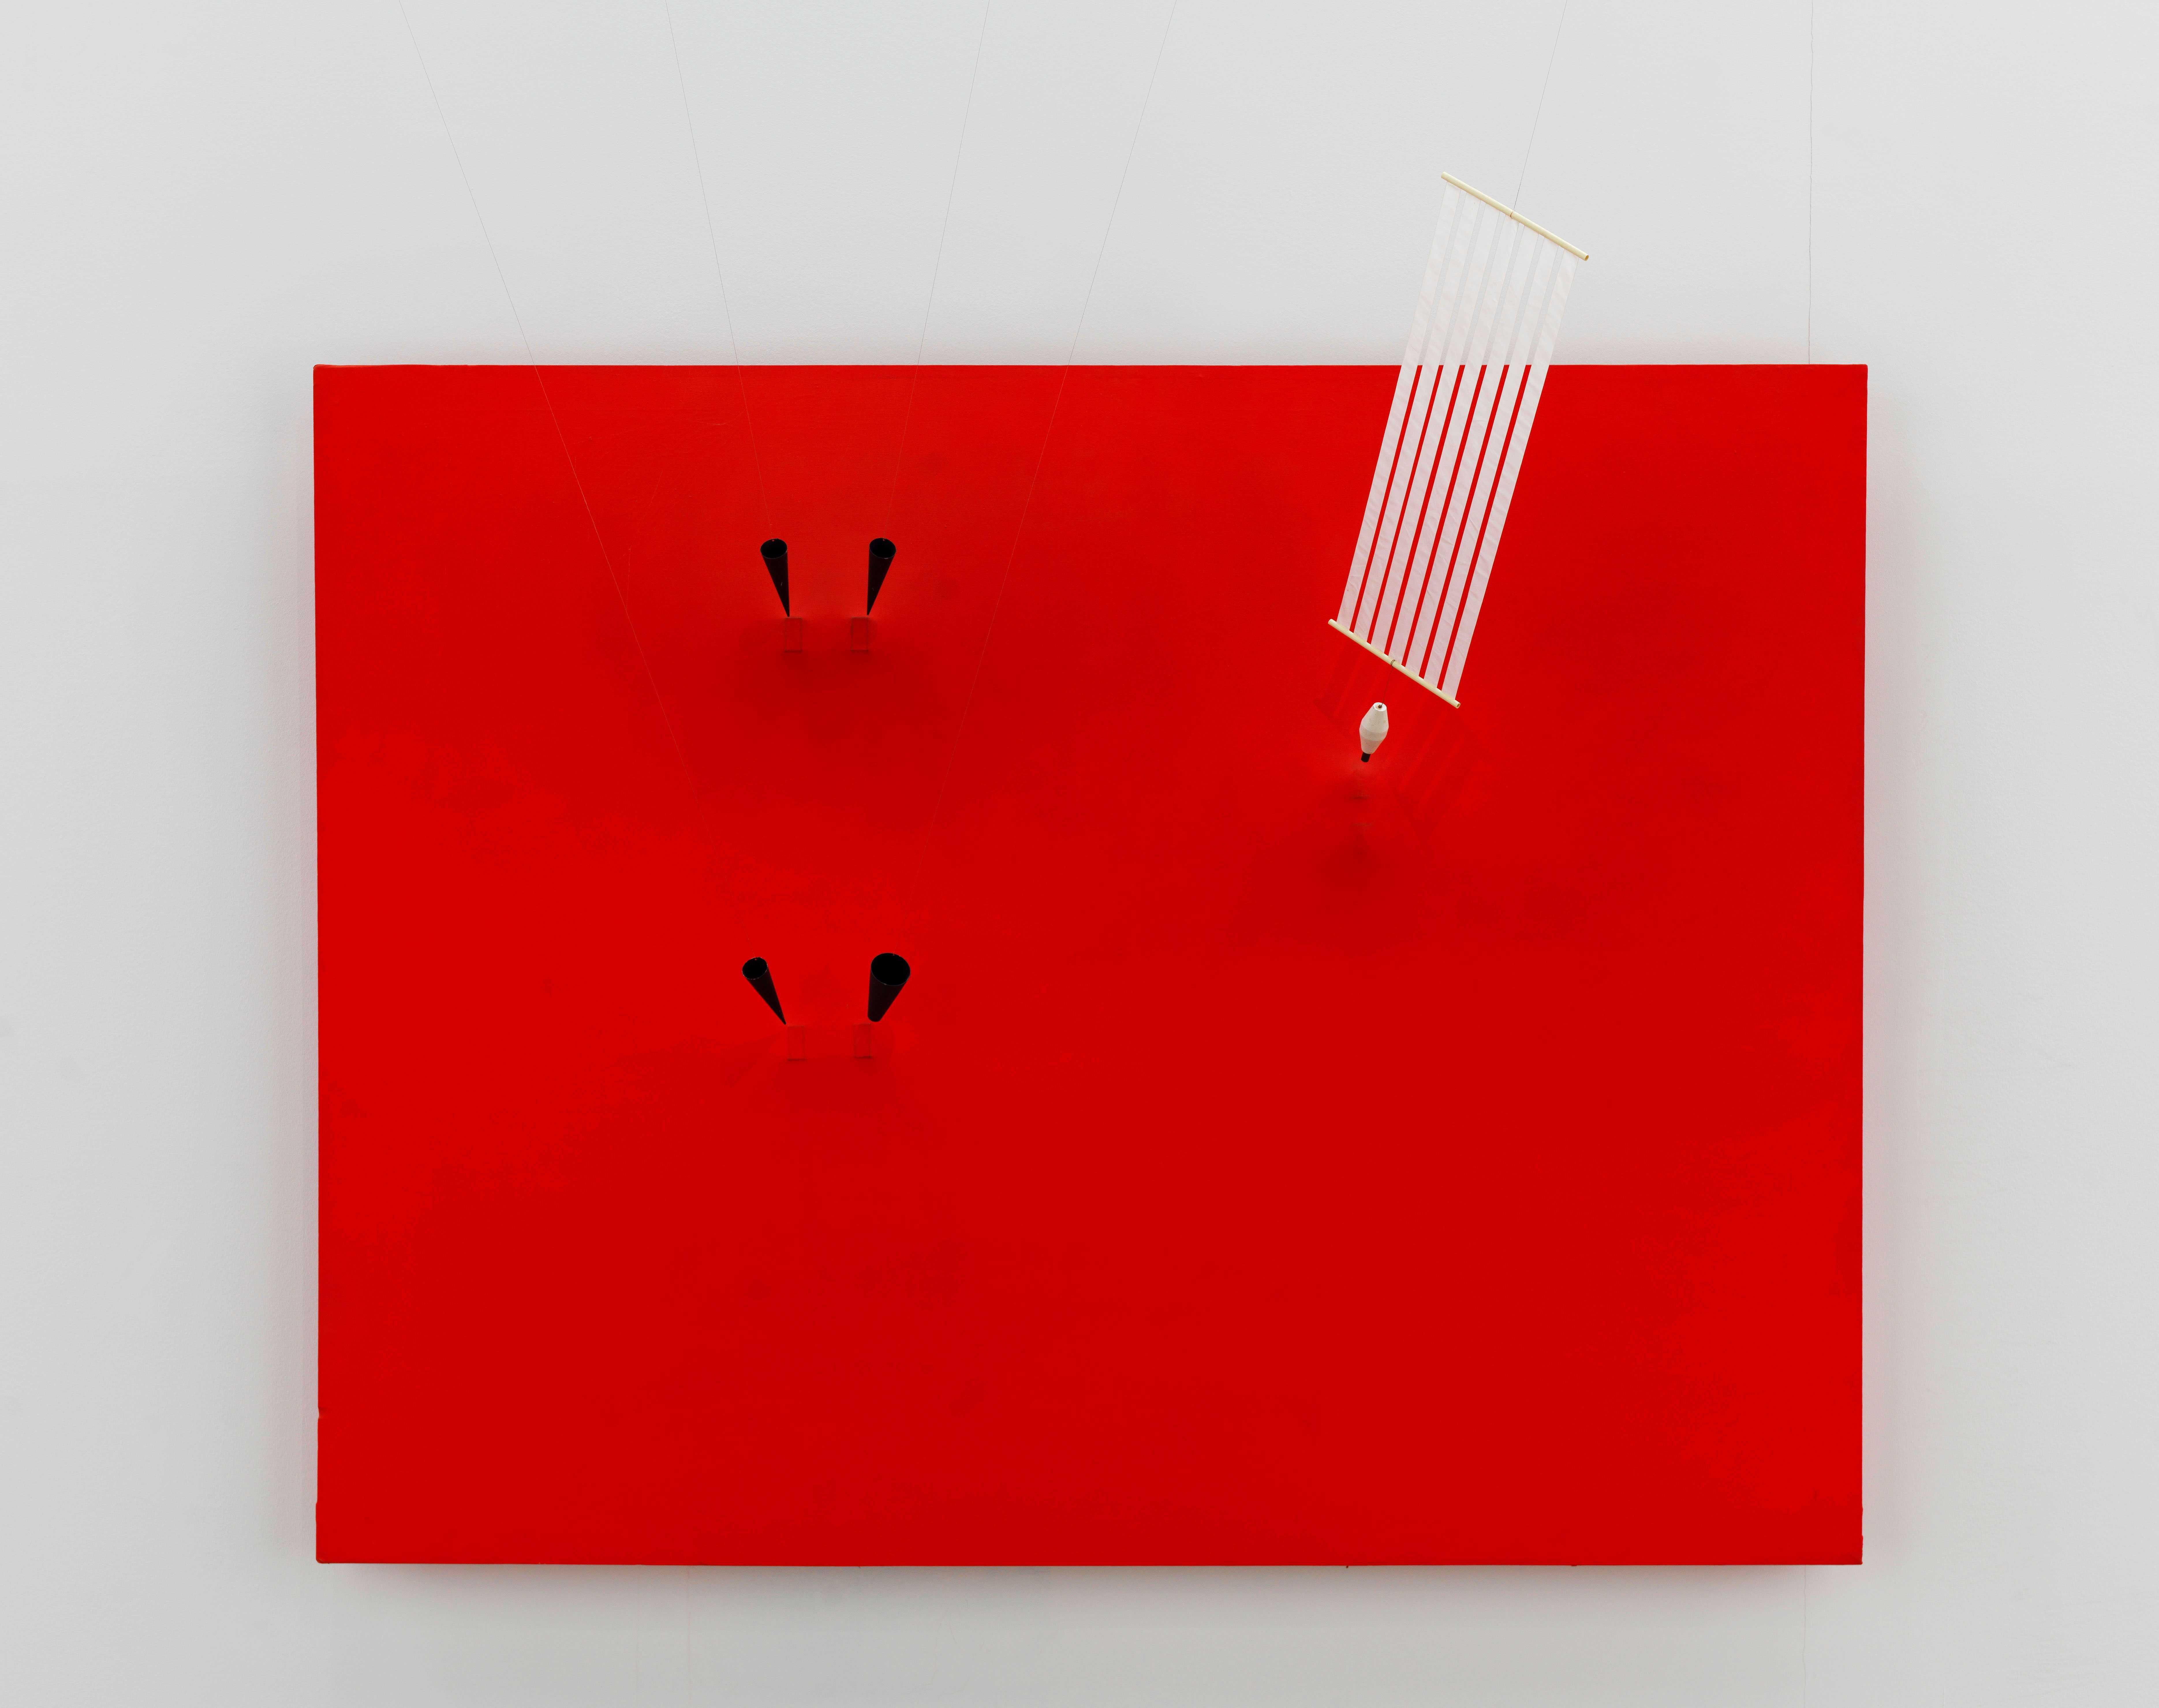 Magnetic Wall 9 (Red) 1961. Centre Pompidou, Musée national d'art moderne – Centre de création industrielle, Paris © ADAGP, Paris and DACS, London 2019 Photo: Georges Meguerditchianntent.